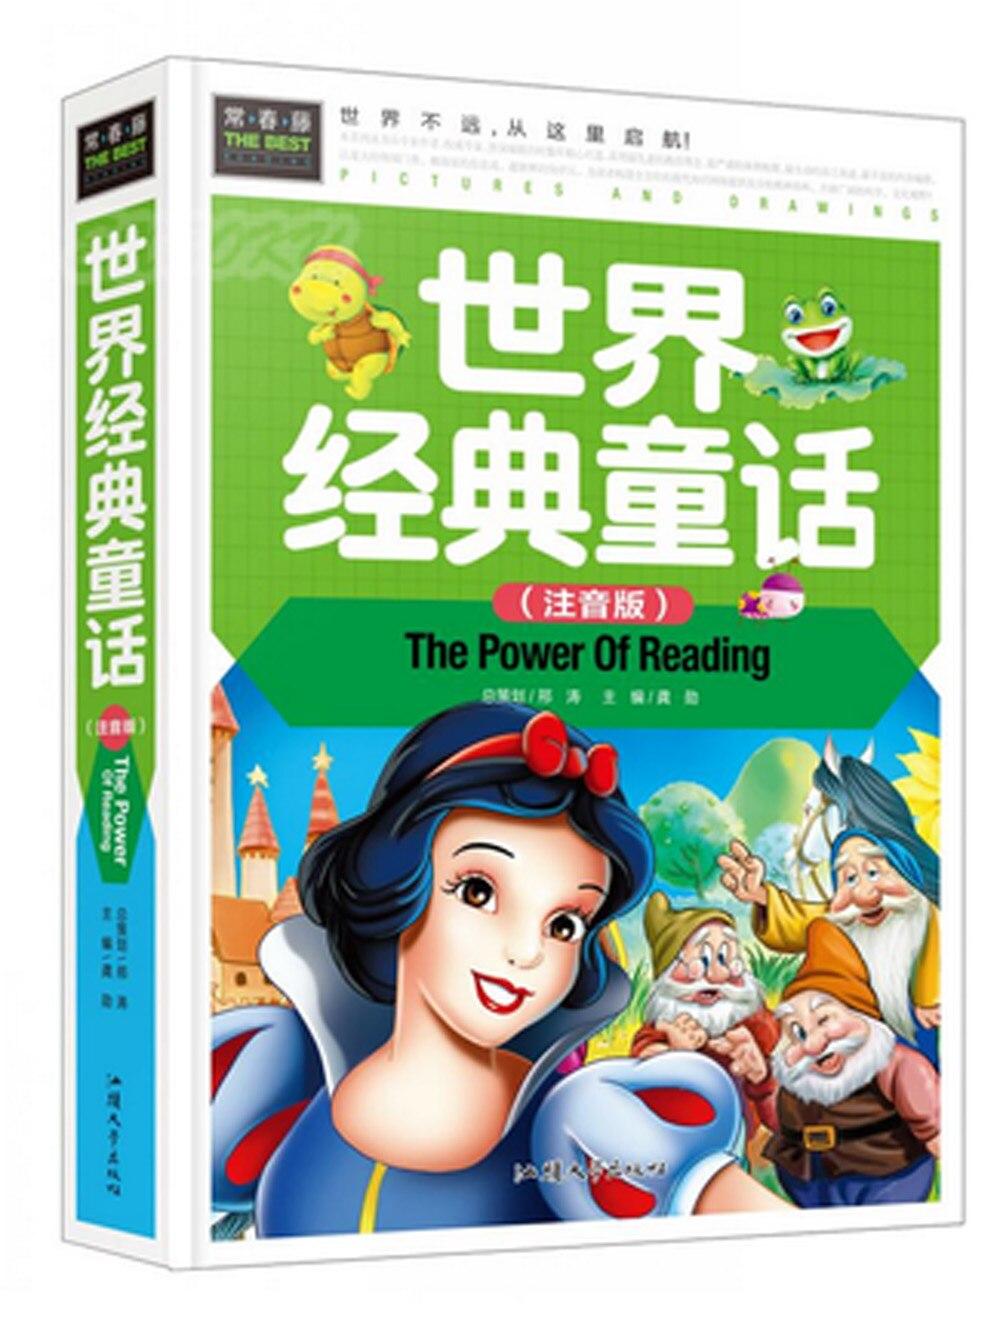 Baby Chinese short stories Pinyin book kids children World Classic Fairy Tales picture hanzi books children s picture book chinese 365 nights short stories books for kids children learn pin yin pinyin hanzi age 6 10